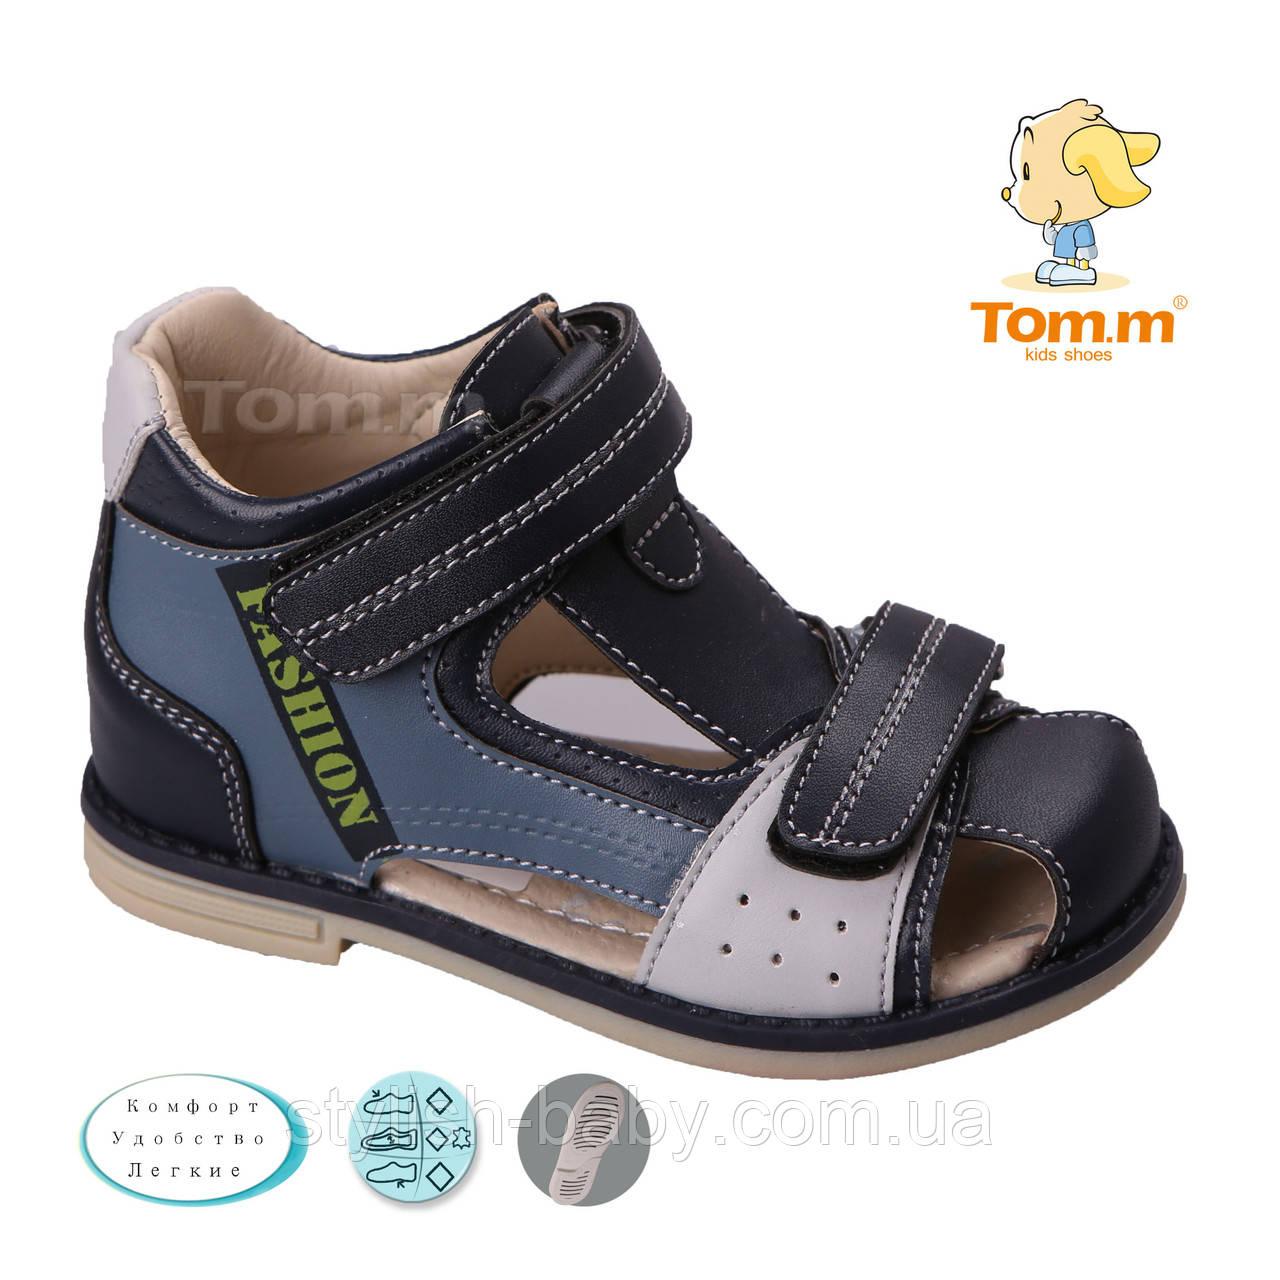 Детская летняя обувь оптом. Детские босоножки бренда Tom.m для мальчиков (рр. с 20 по 25)